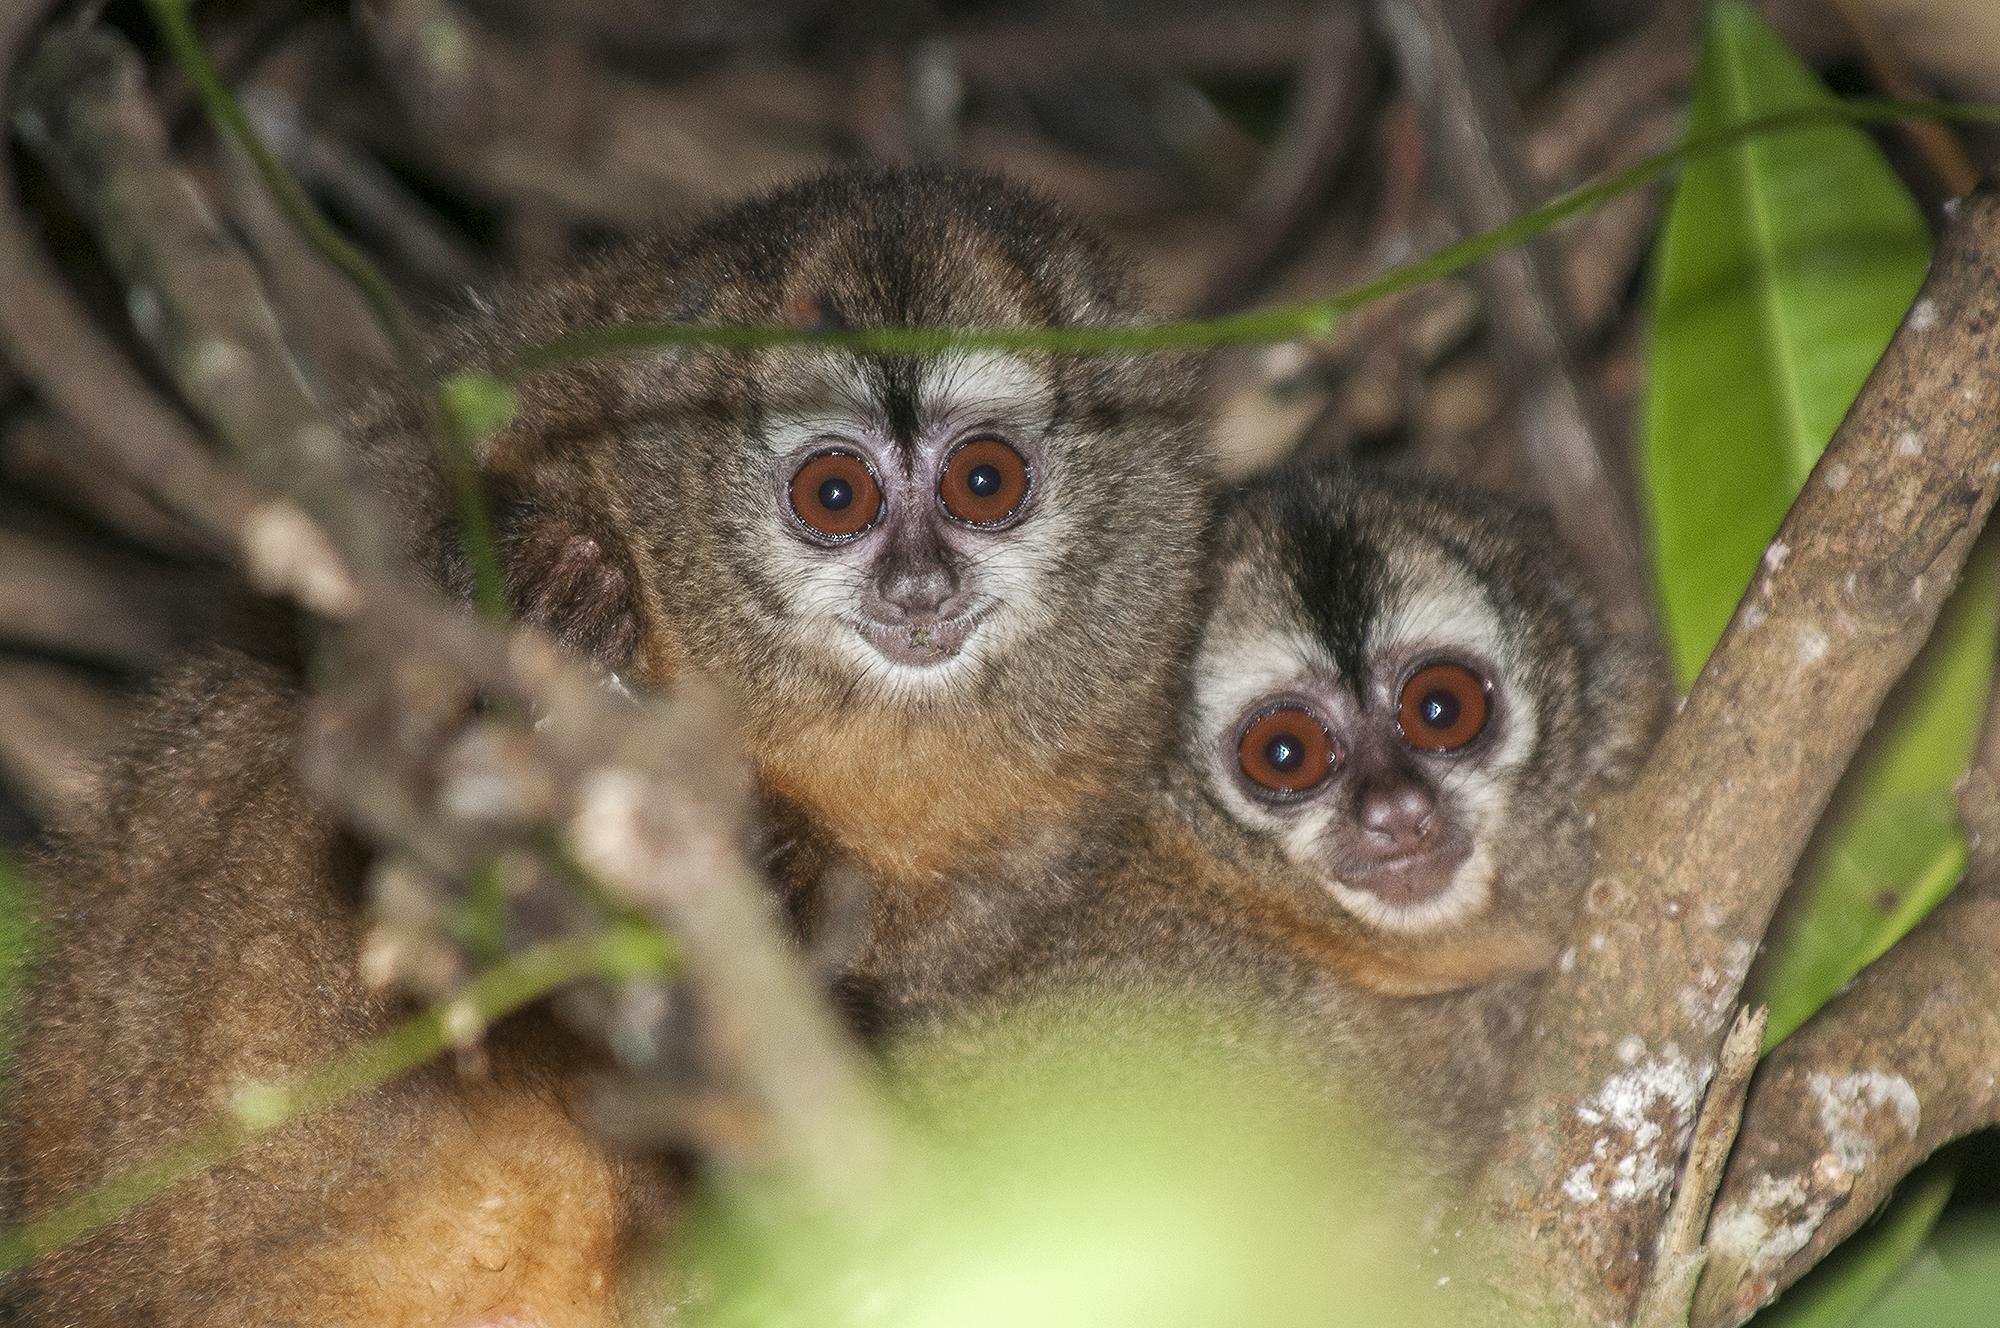 El mono nocturno es una especie endémica que habita en la misma zona donde se ha encontrado al oso de anteojos. Foto: Michael Tweddle.